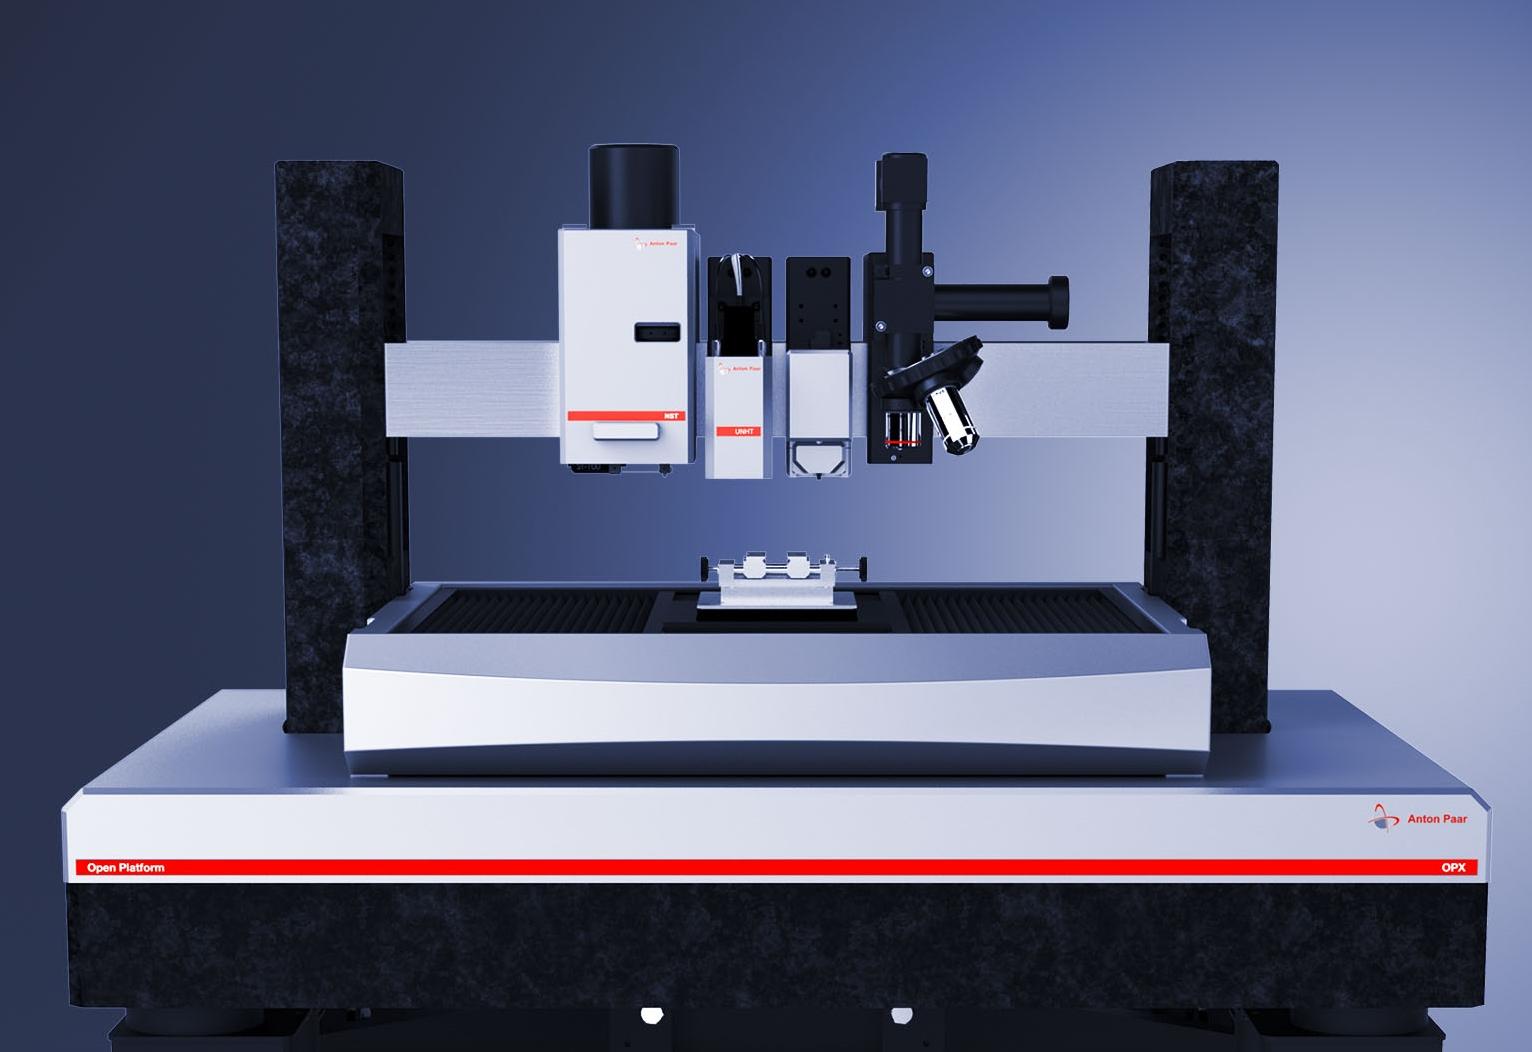 Ультра Нанотвердомер UNHT (второй слева) на Открытой платформе с модулями Микро-скретч тестирования MST, Атомно силовым микроскопом WideScan AFM и видеомикроскопом.